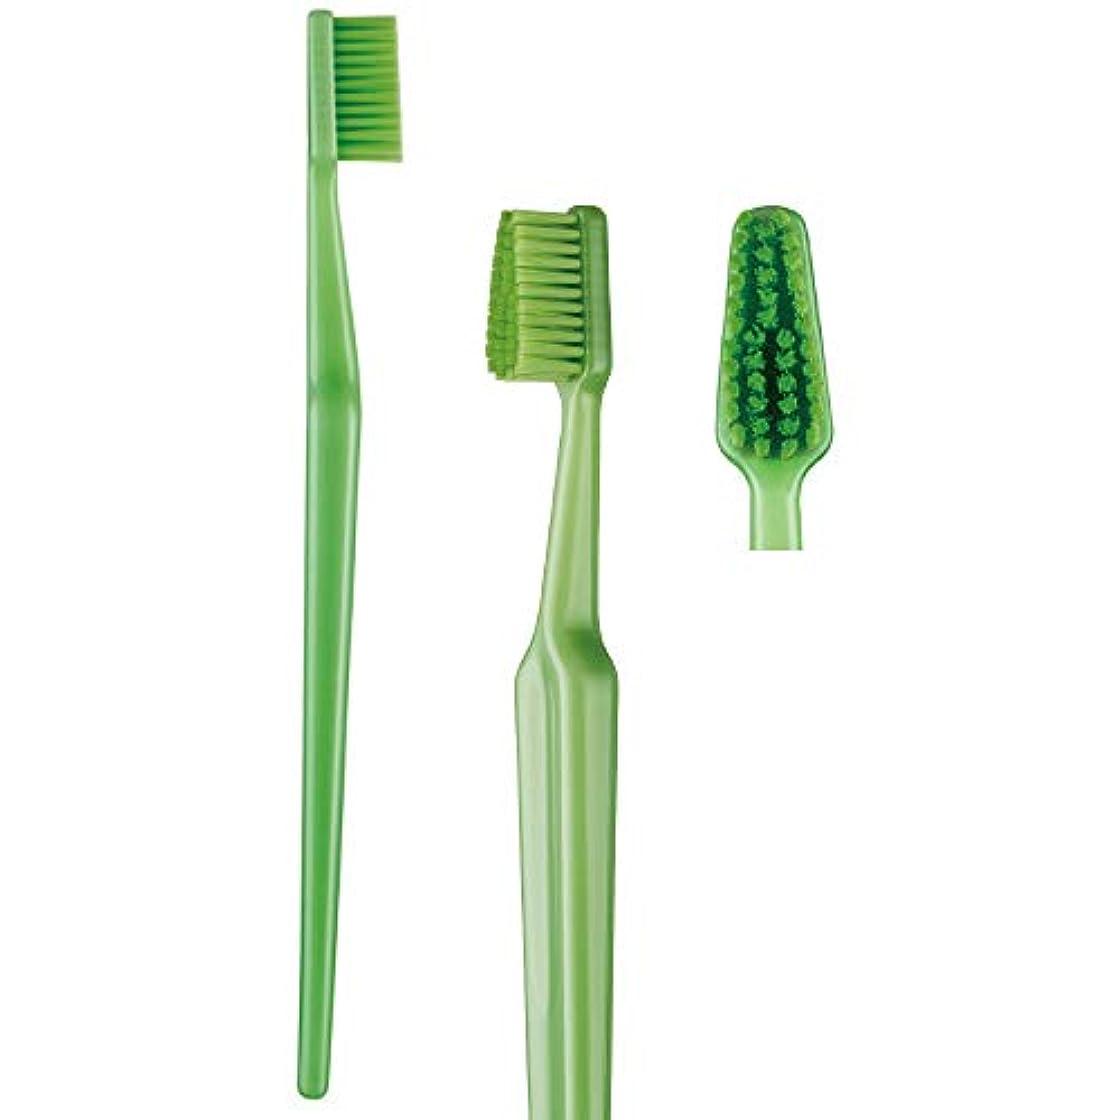 選挙ビジター放課後歯科専売品 大人用歯ブラシ TePe GOOD (グッド) レギュラー ソフト(やわらかめ) ヘッド大 1本